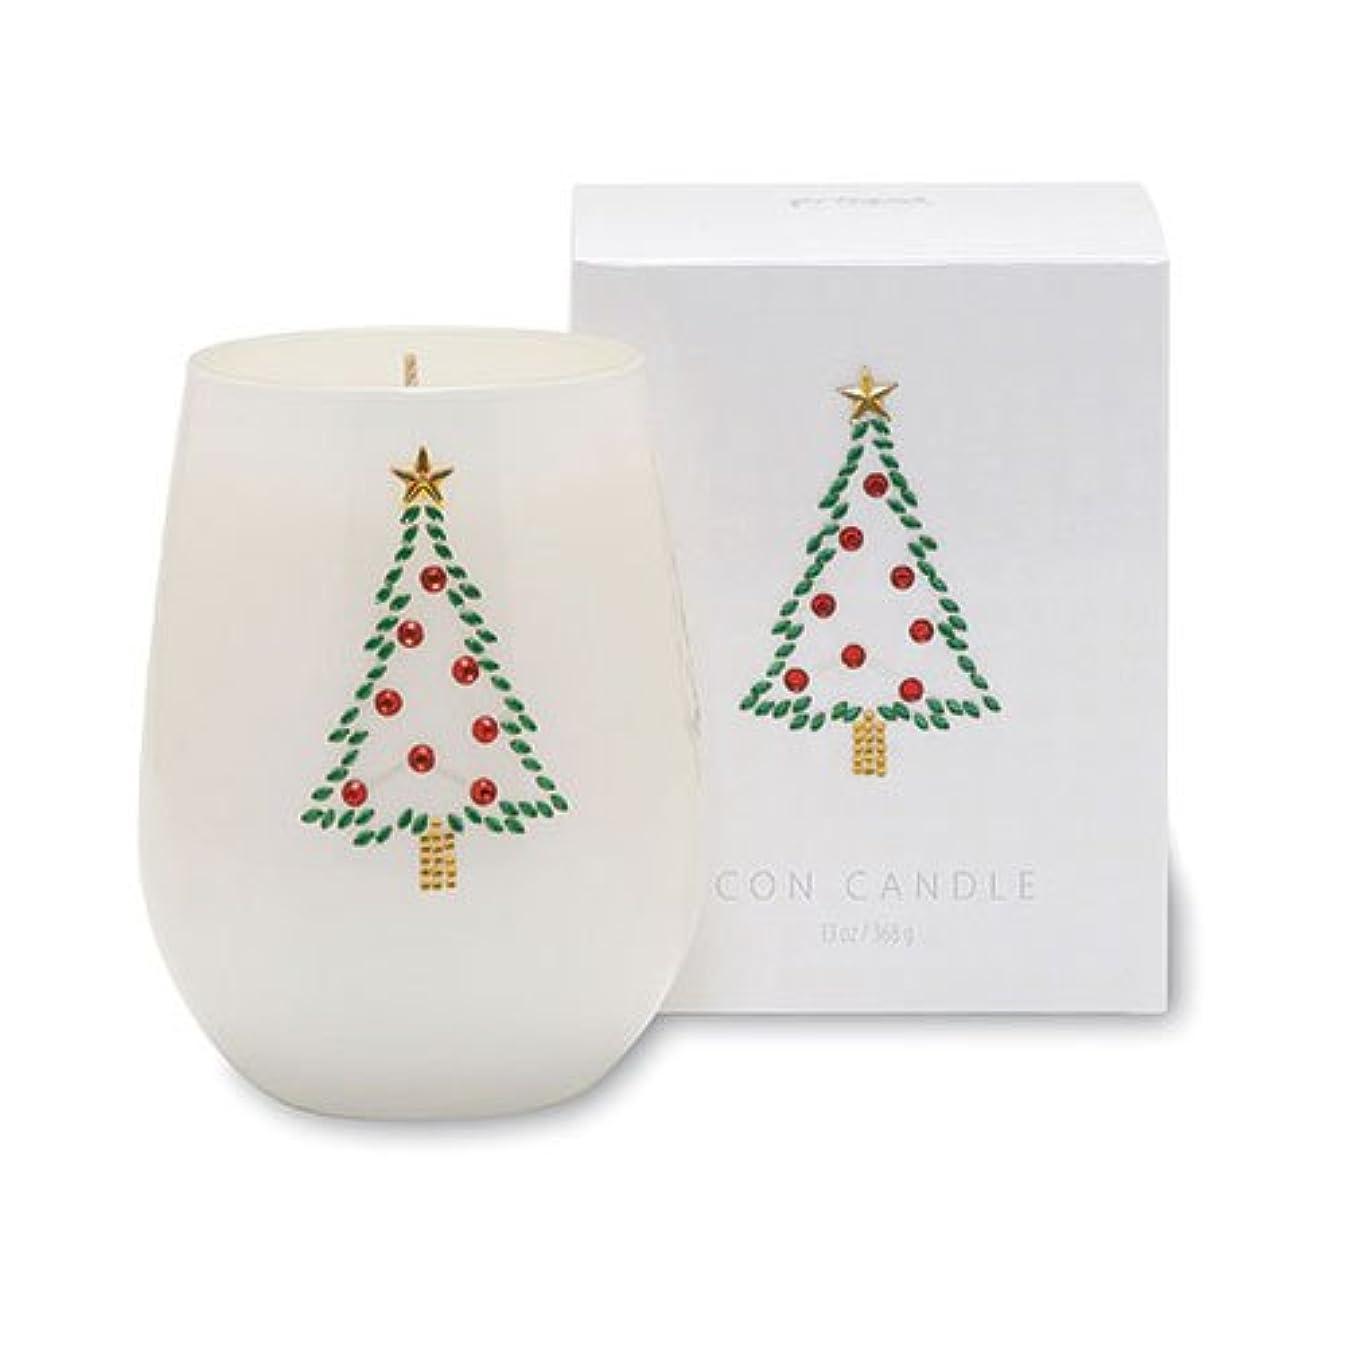 流体ぜいたく暴露クリスマスアイコンキャンドル/クリスマスツリー オレンジピールとドライフルーツの香り キャンドル